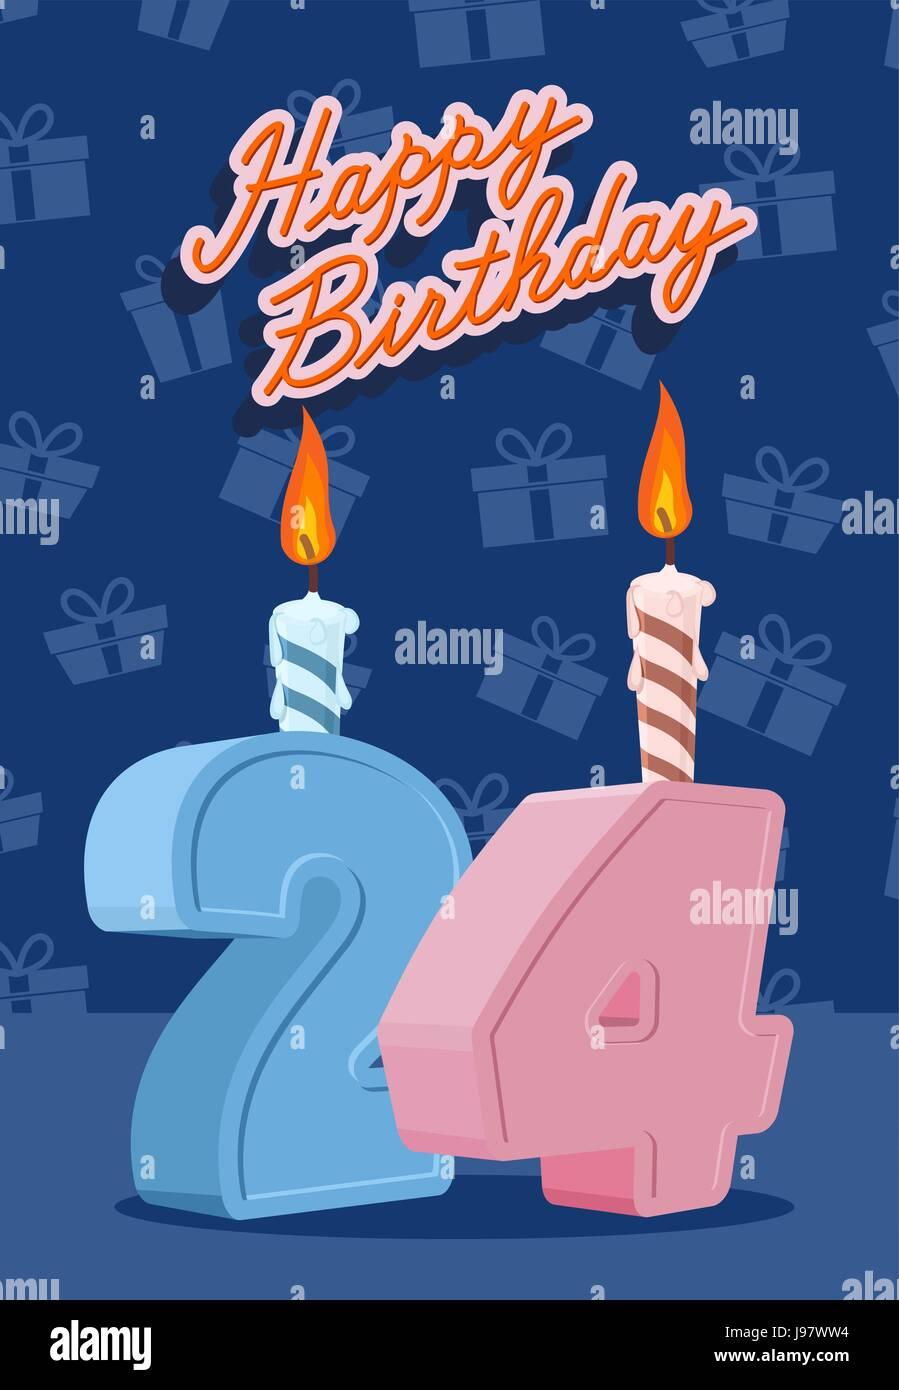 Geburtstagsspruche Zum Reinfeiern Ekaterine Botkoveli